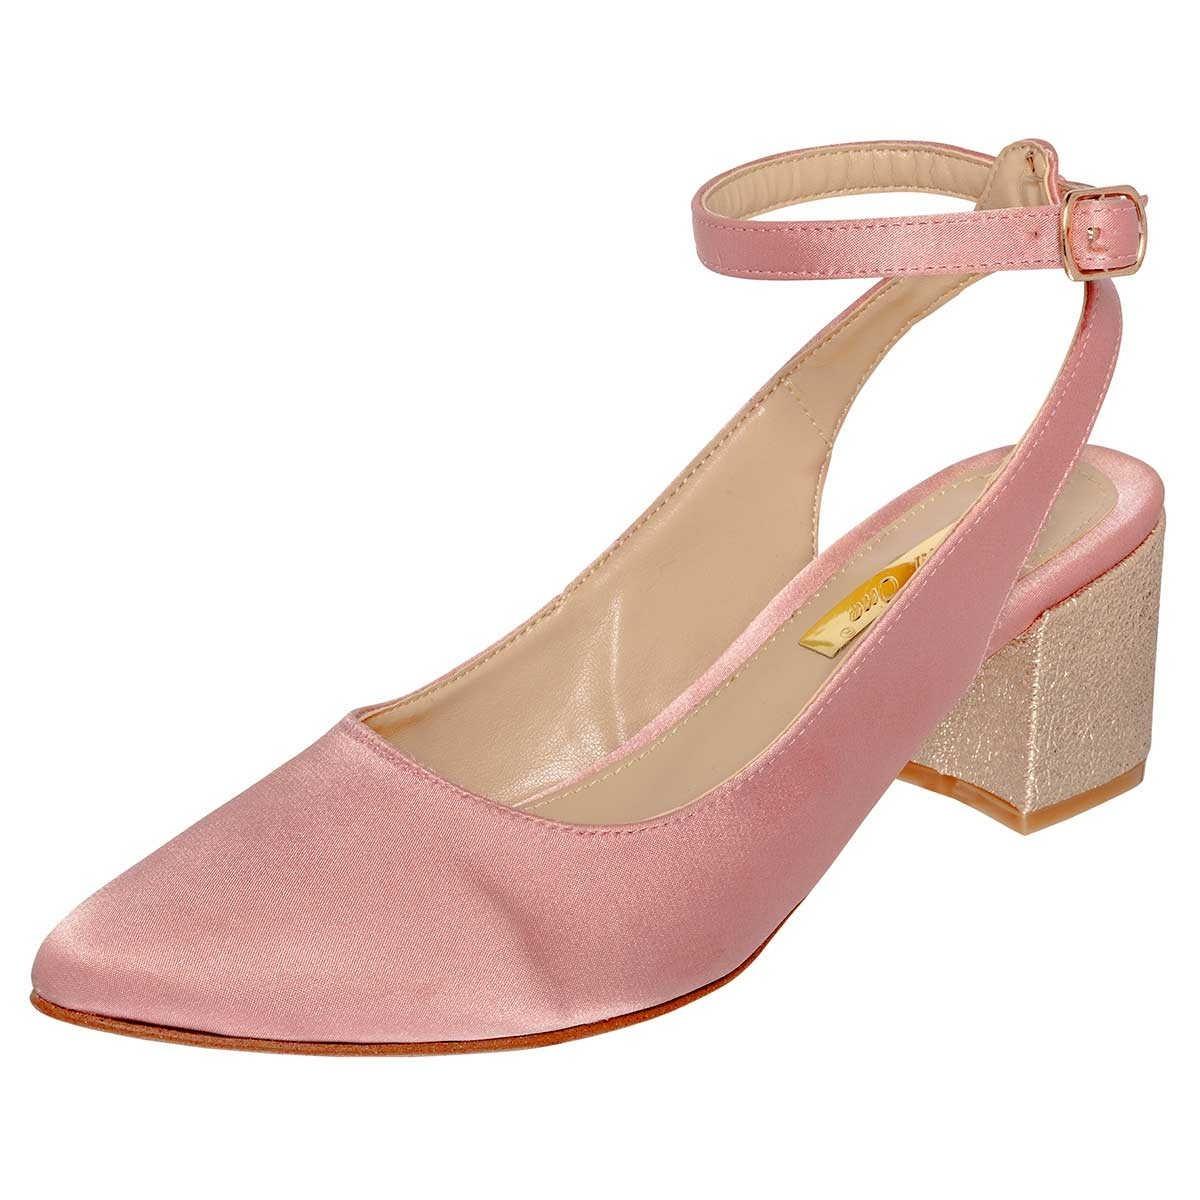 Inmediato 79600 Graduacion Lady Zapato One Env Mujer Oi18 PF0OAxwq